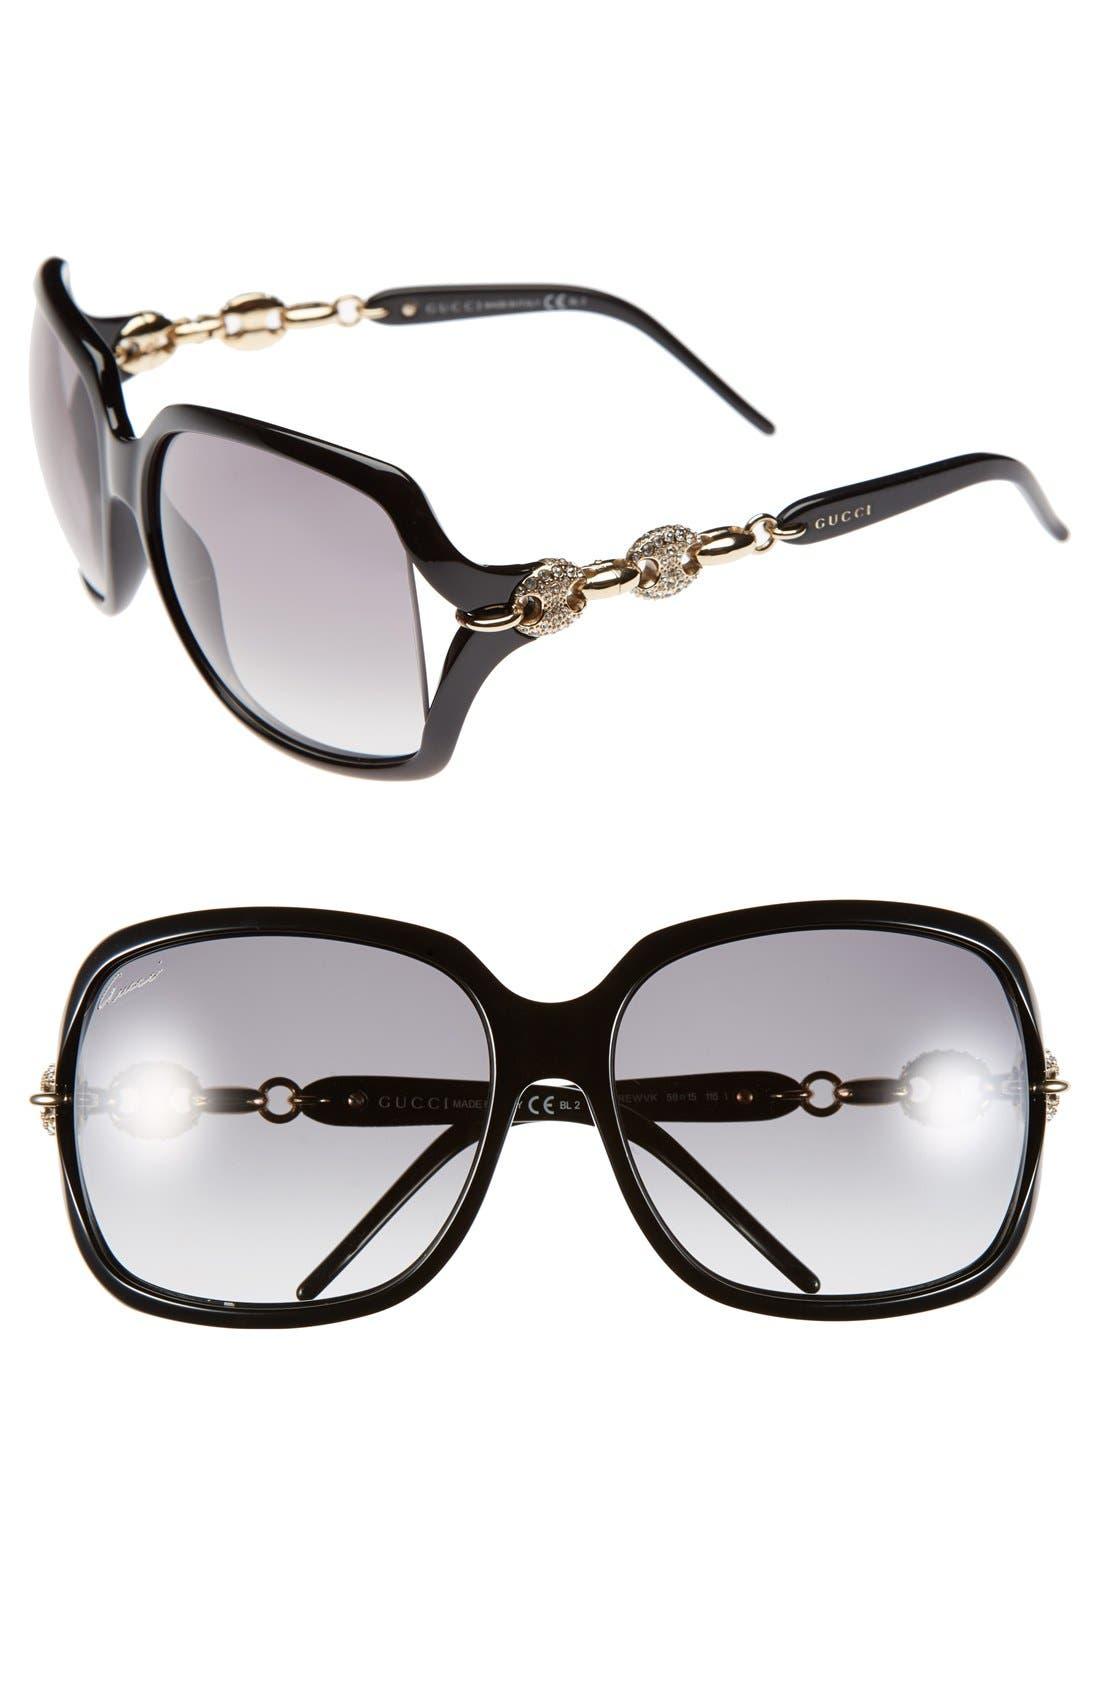 Main Image - Gucci 'Marina Chain' 59mm Swarovski Crystal Sunglasses